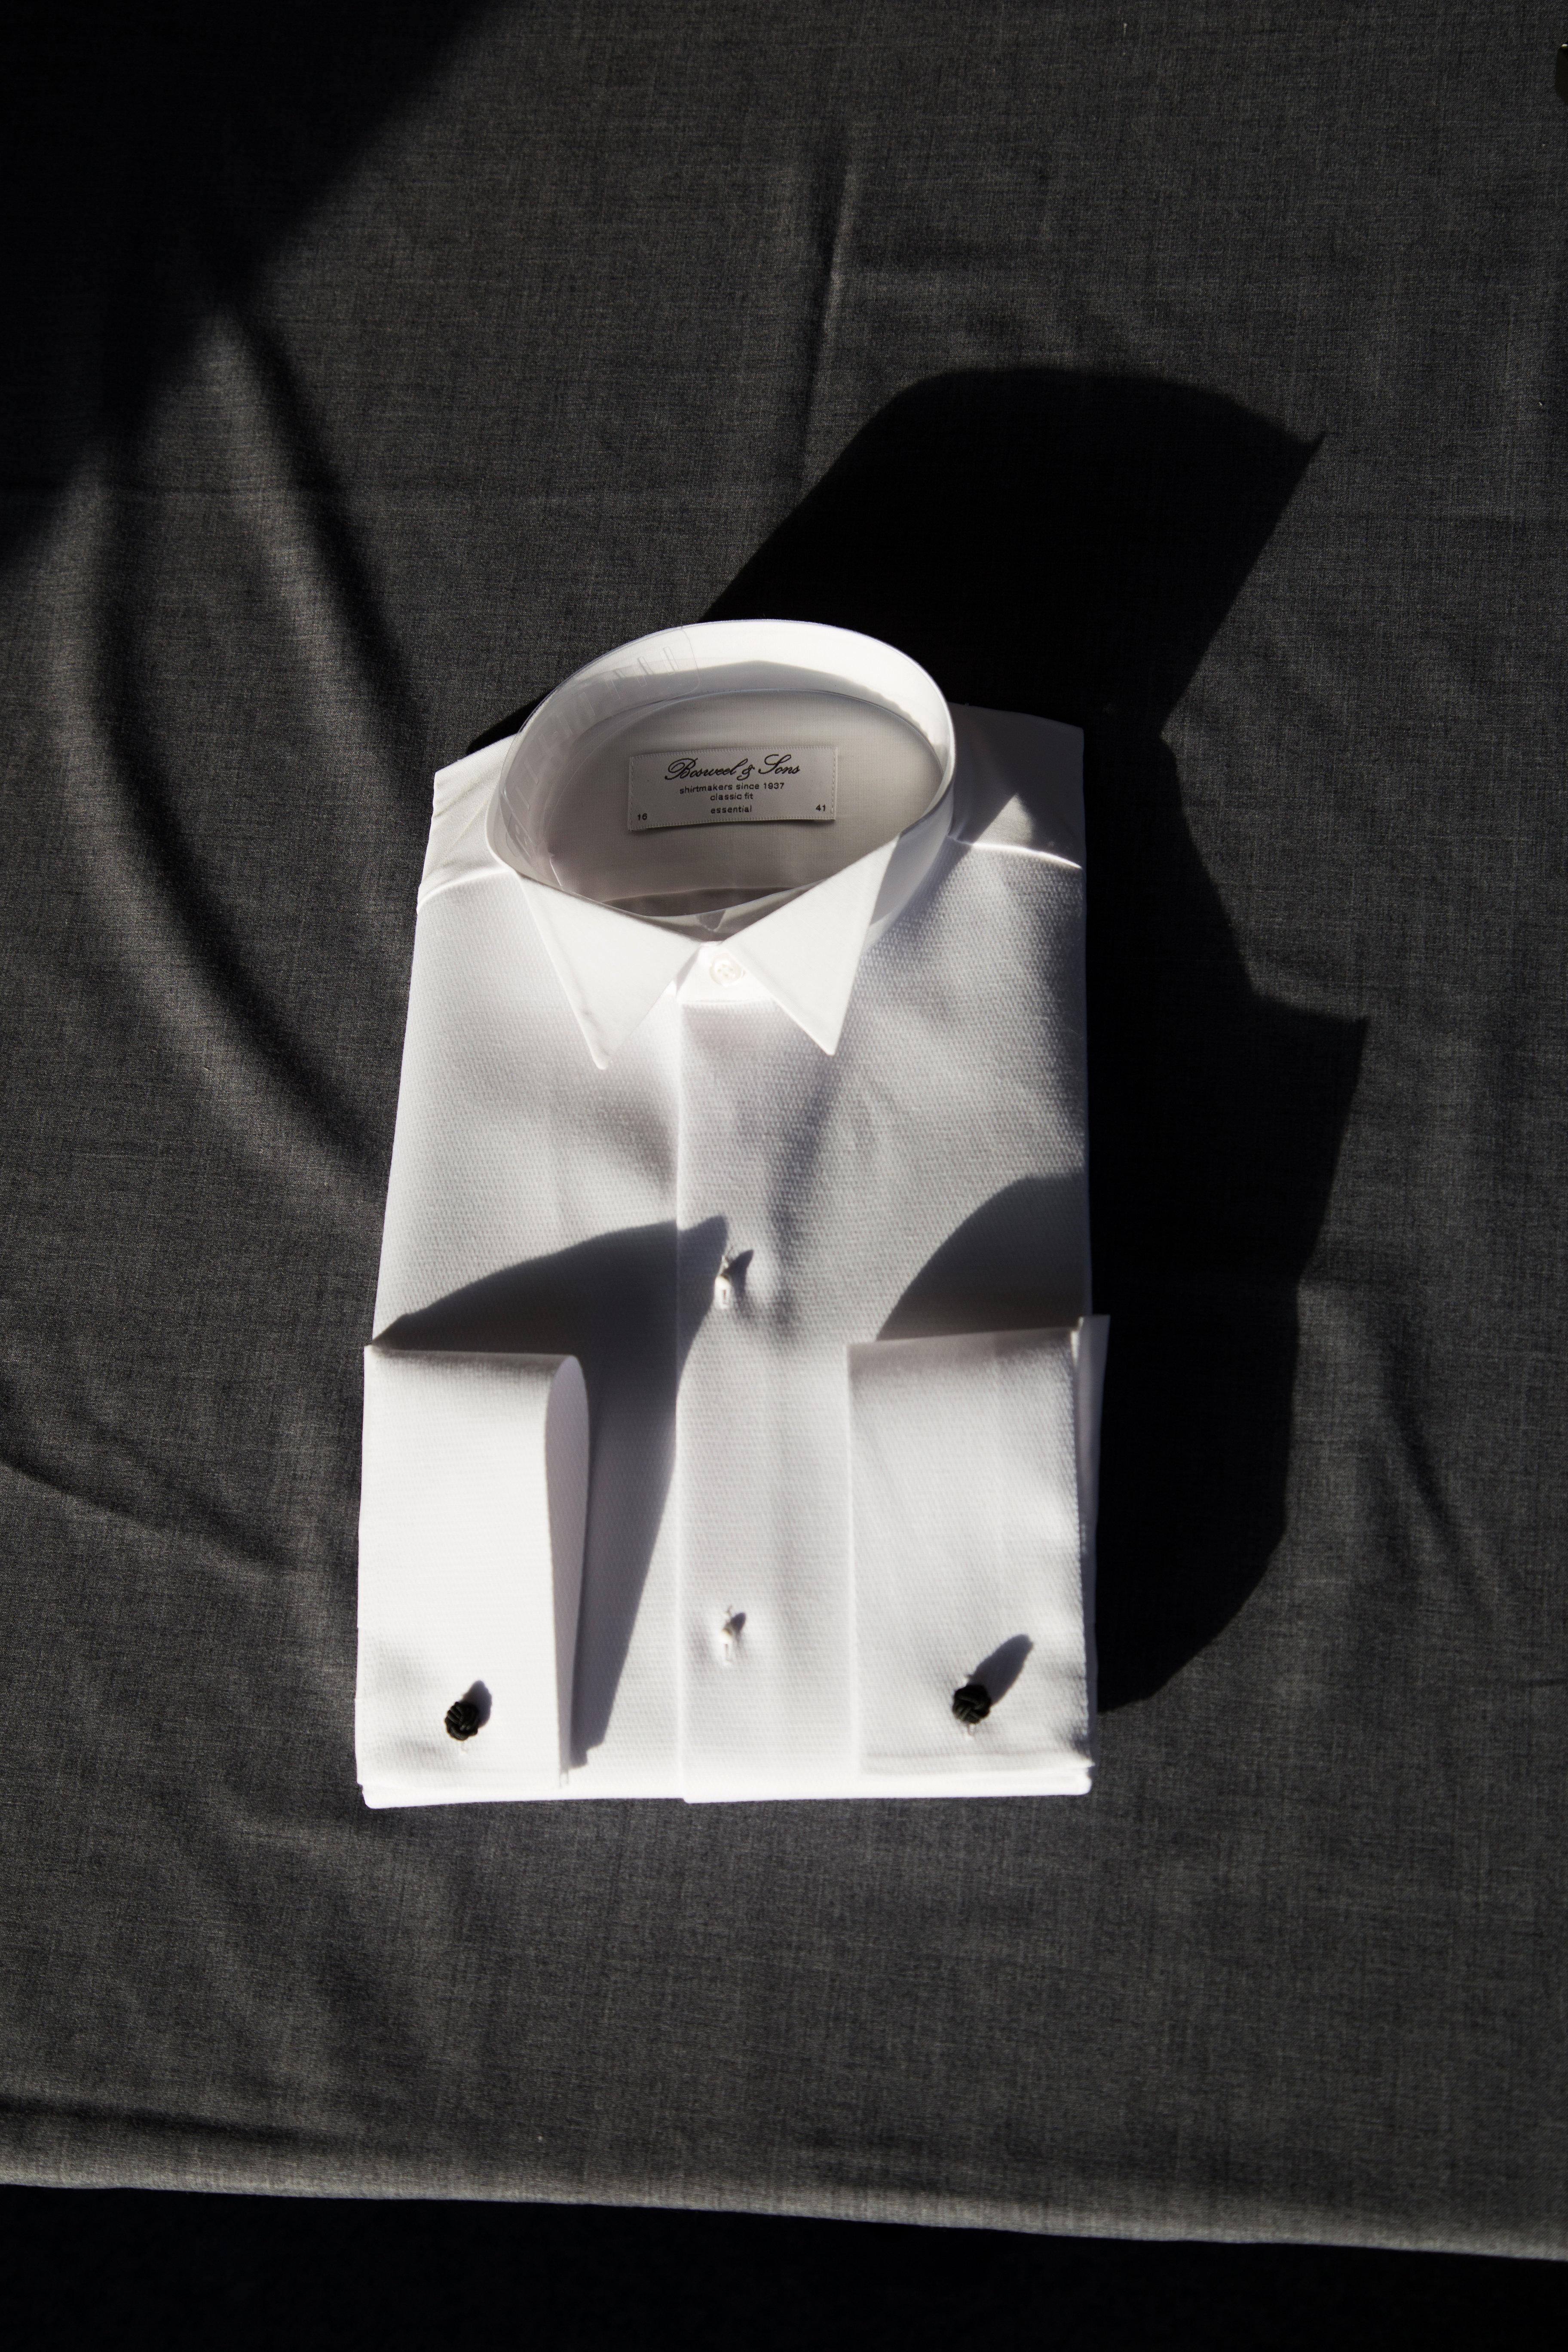 Kjoleskjorte, piqué, med knækflip 00026-SP-3070710